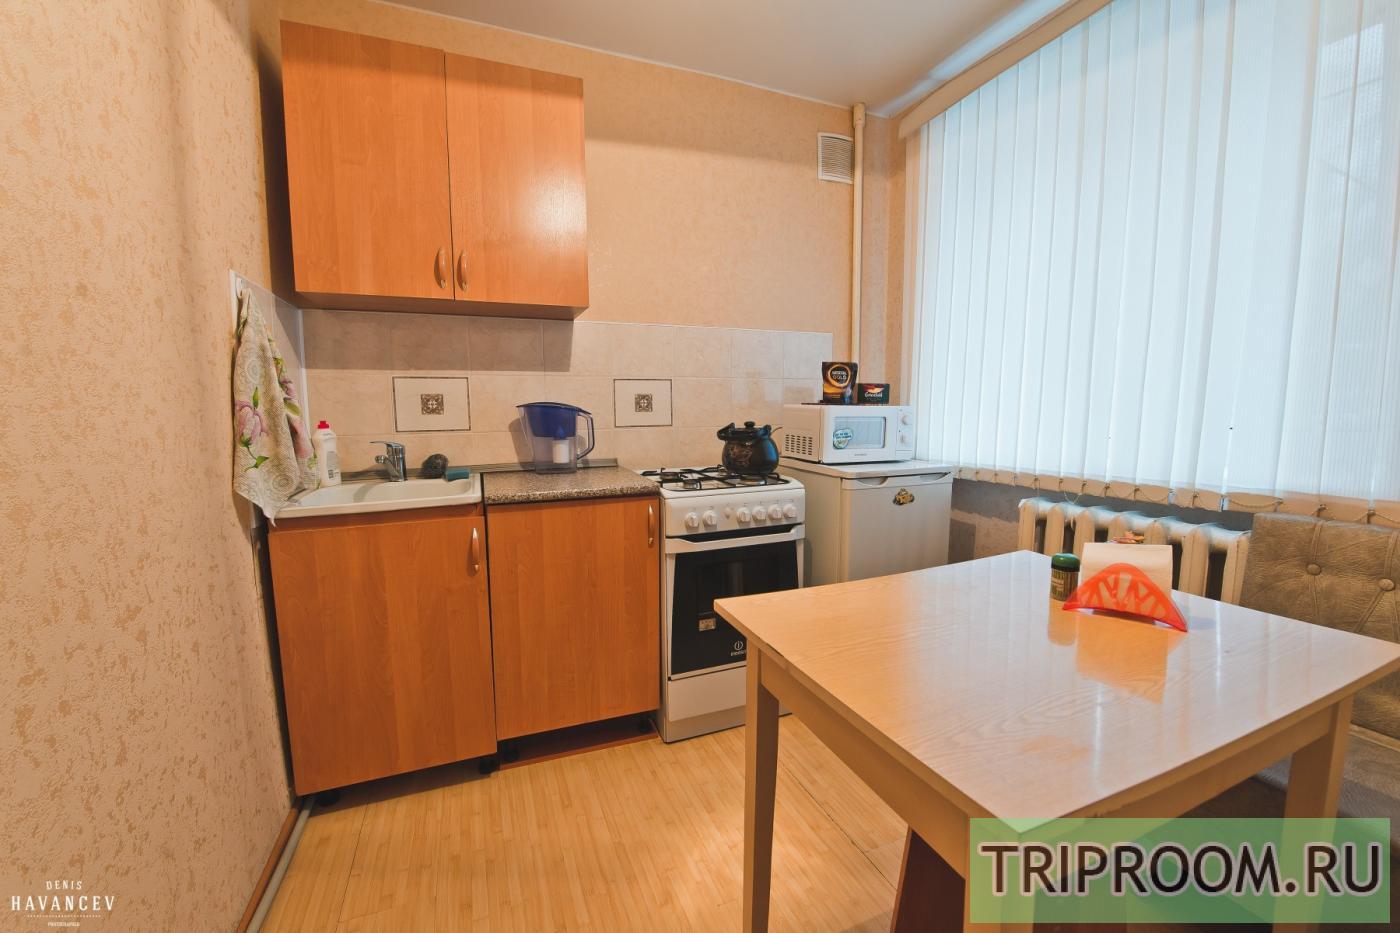 1-комнатная квартира посуточно (вариант № 14829), ул. Космонавтов набережная, фото № 6